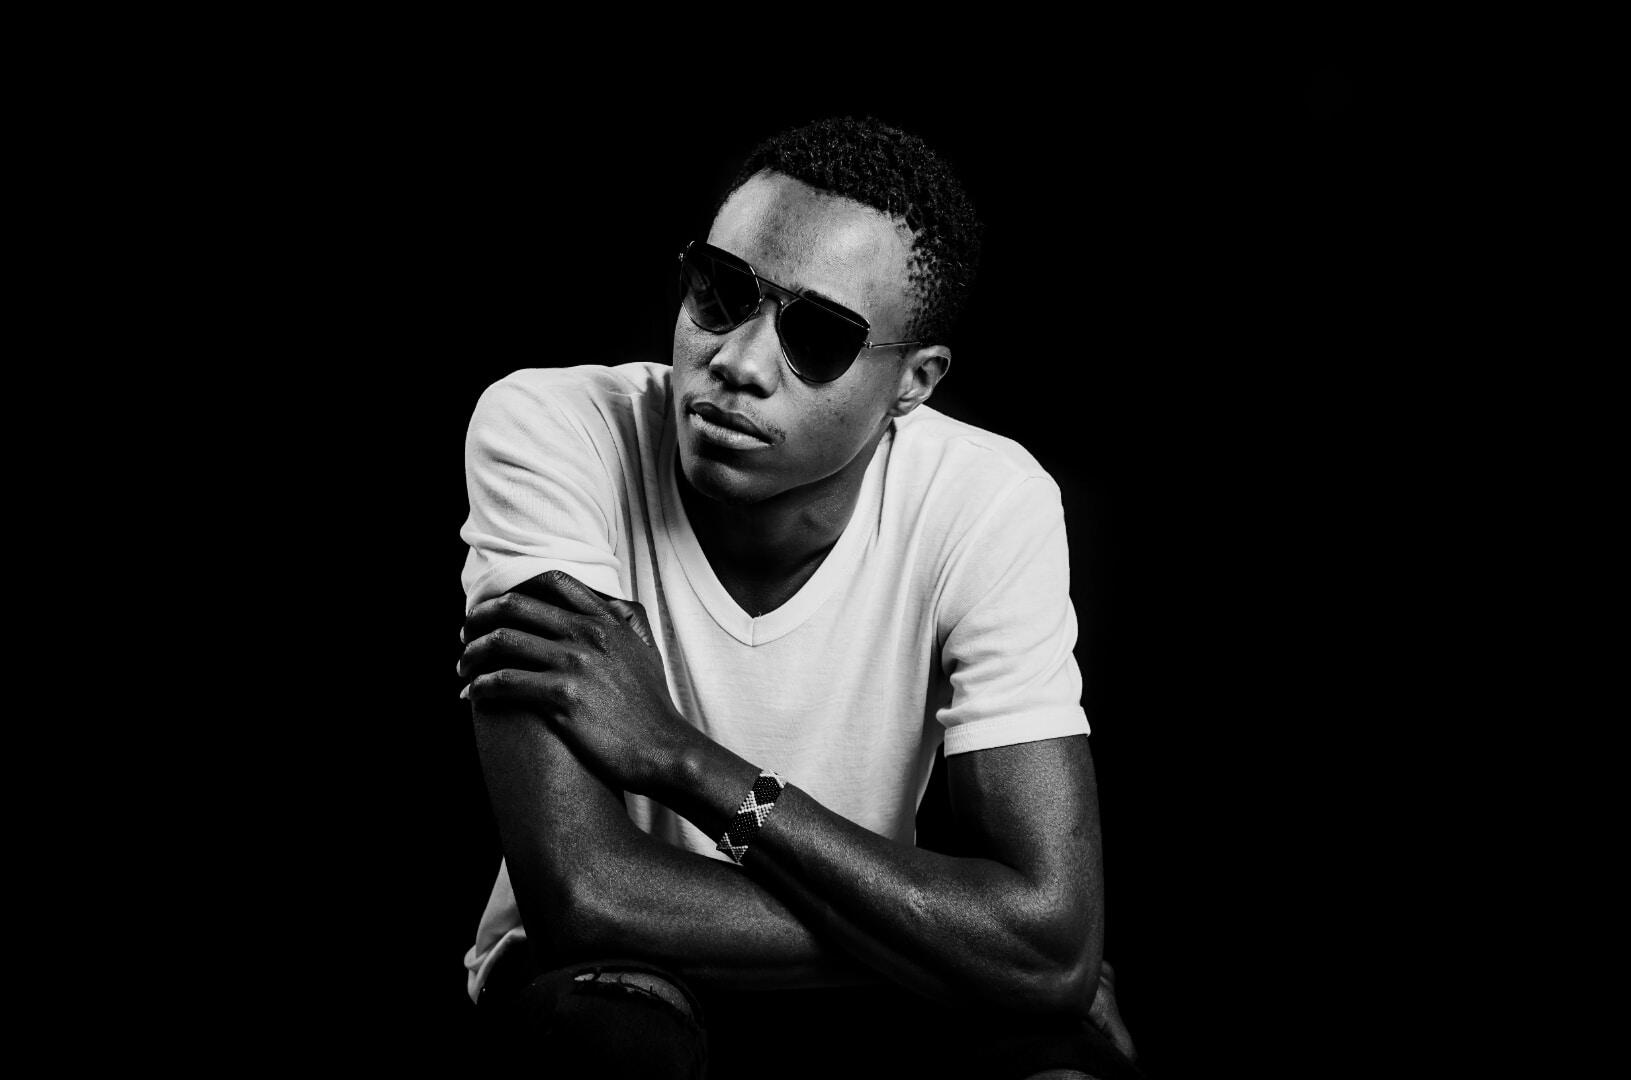 Go to Francis onyango's profile